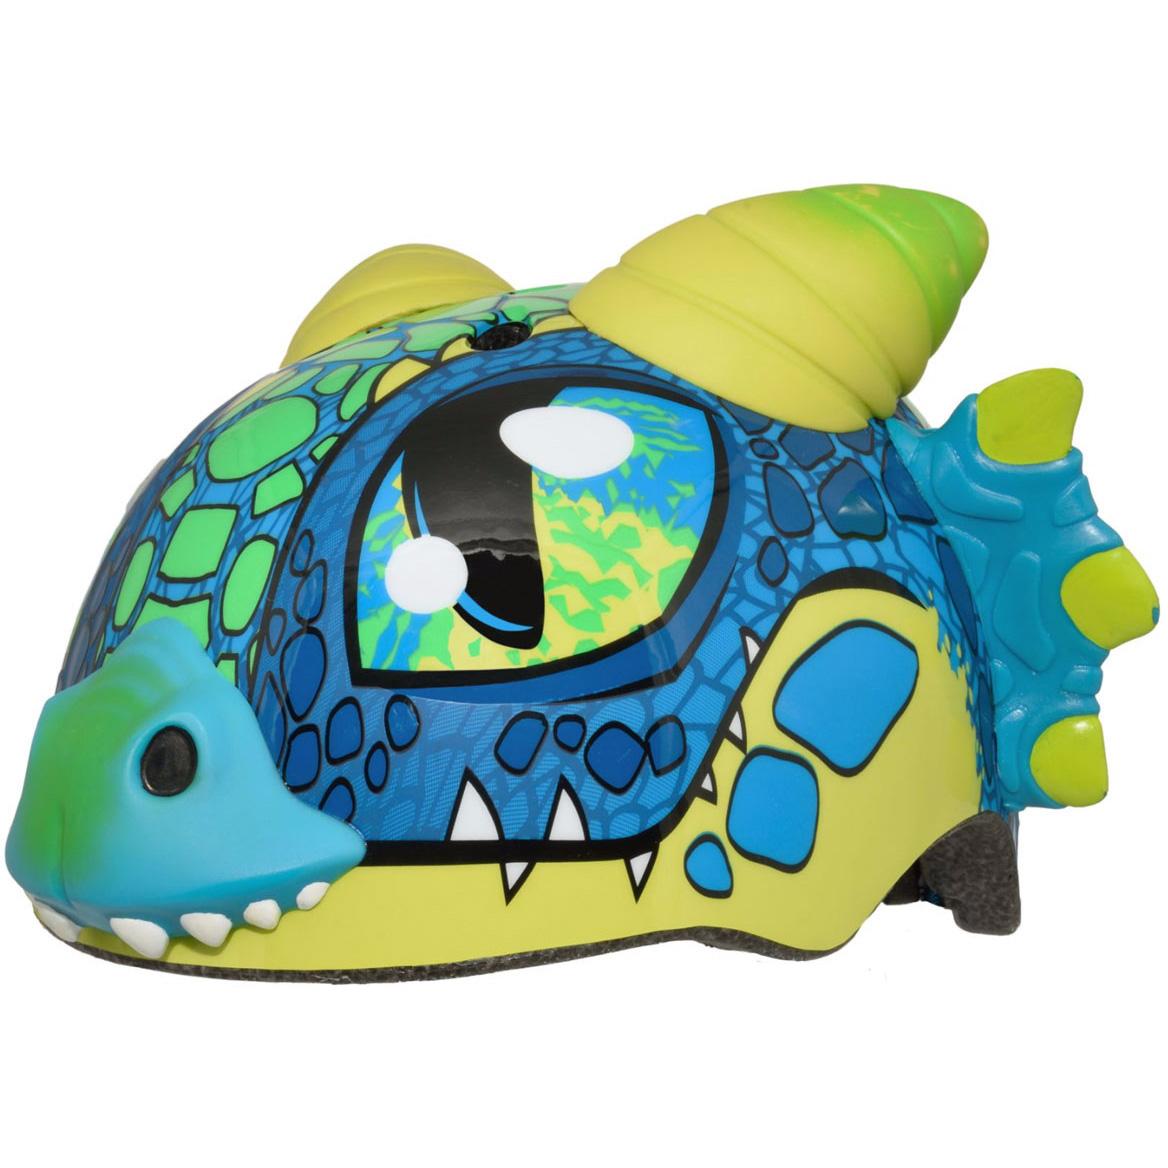 Raskullz Don Dragon Blue Toddler Helmet, Blue